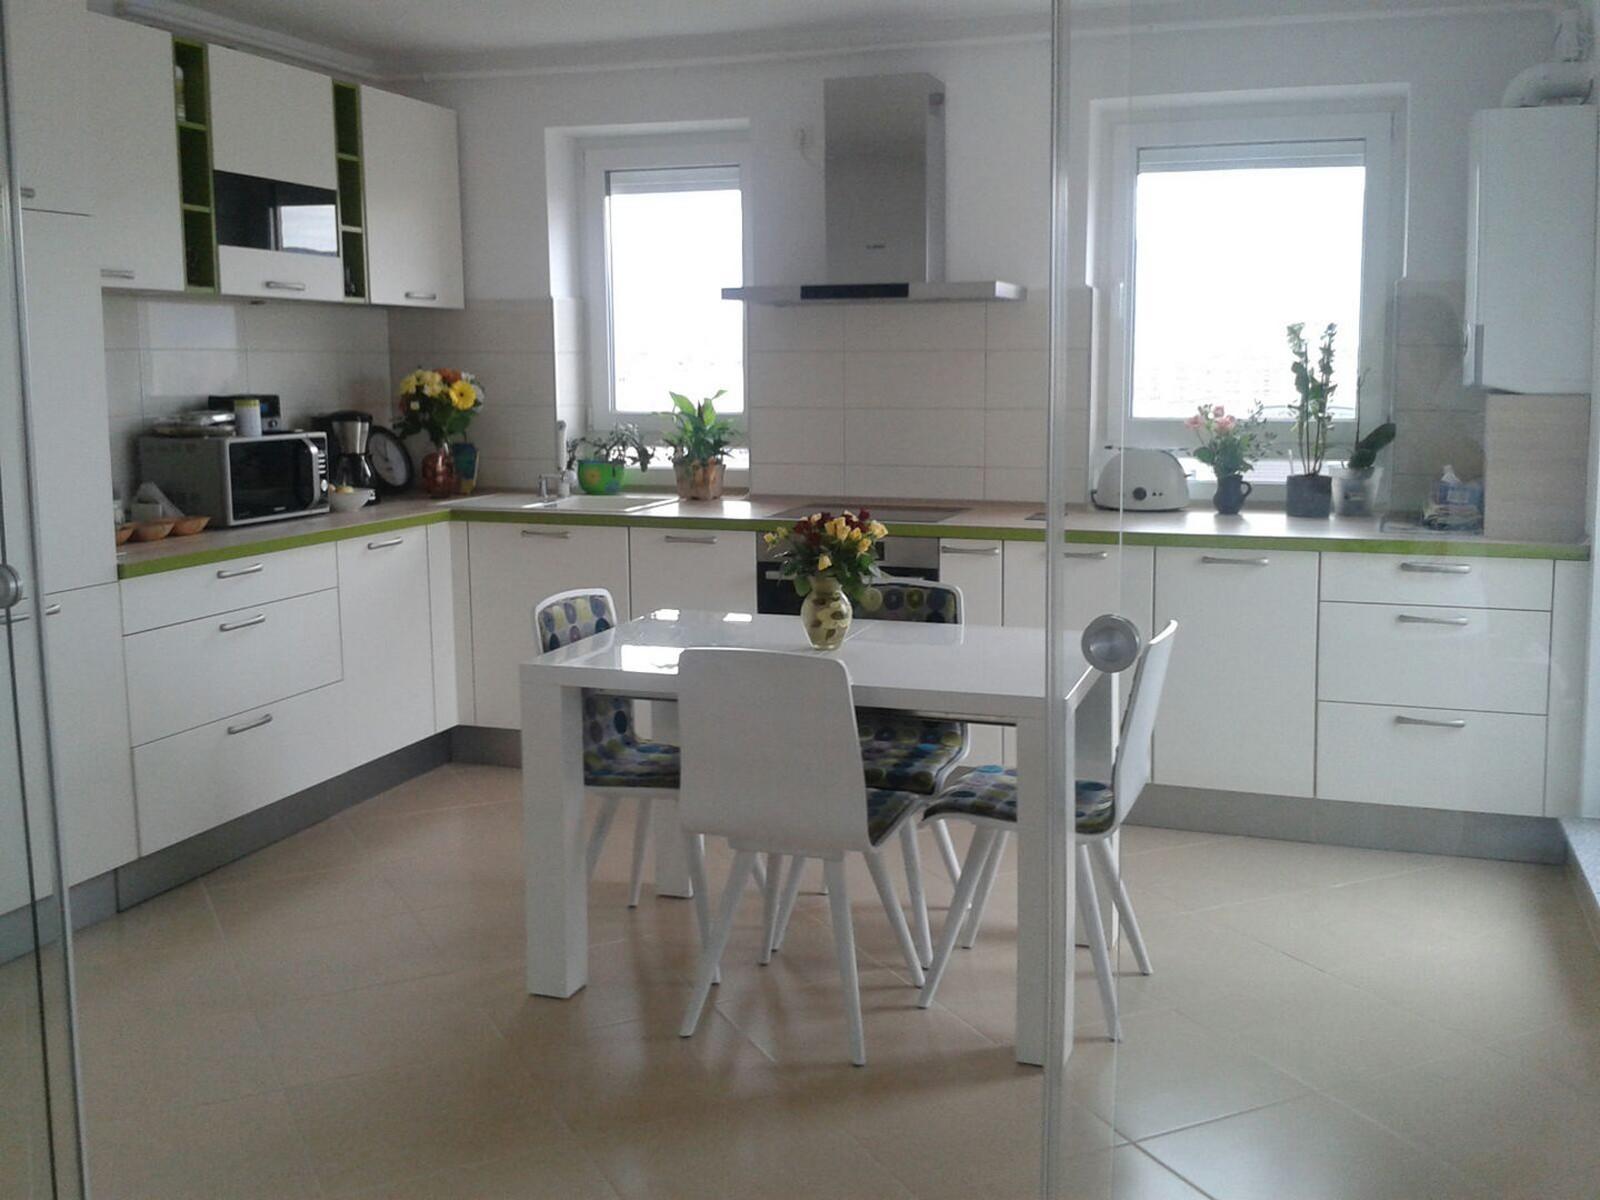 Referință - Bucătărie modernă Nobilia Touch - Satin gri / Brad Montana